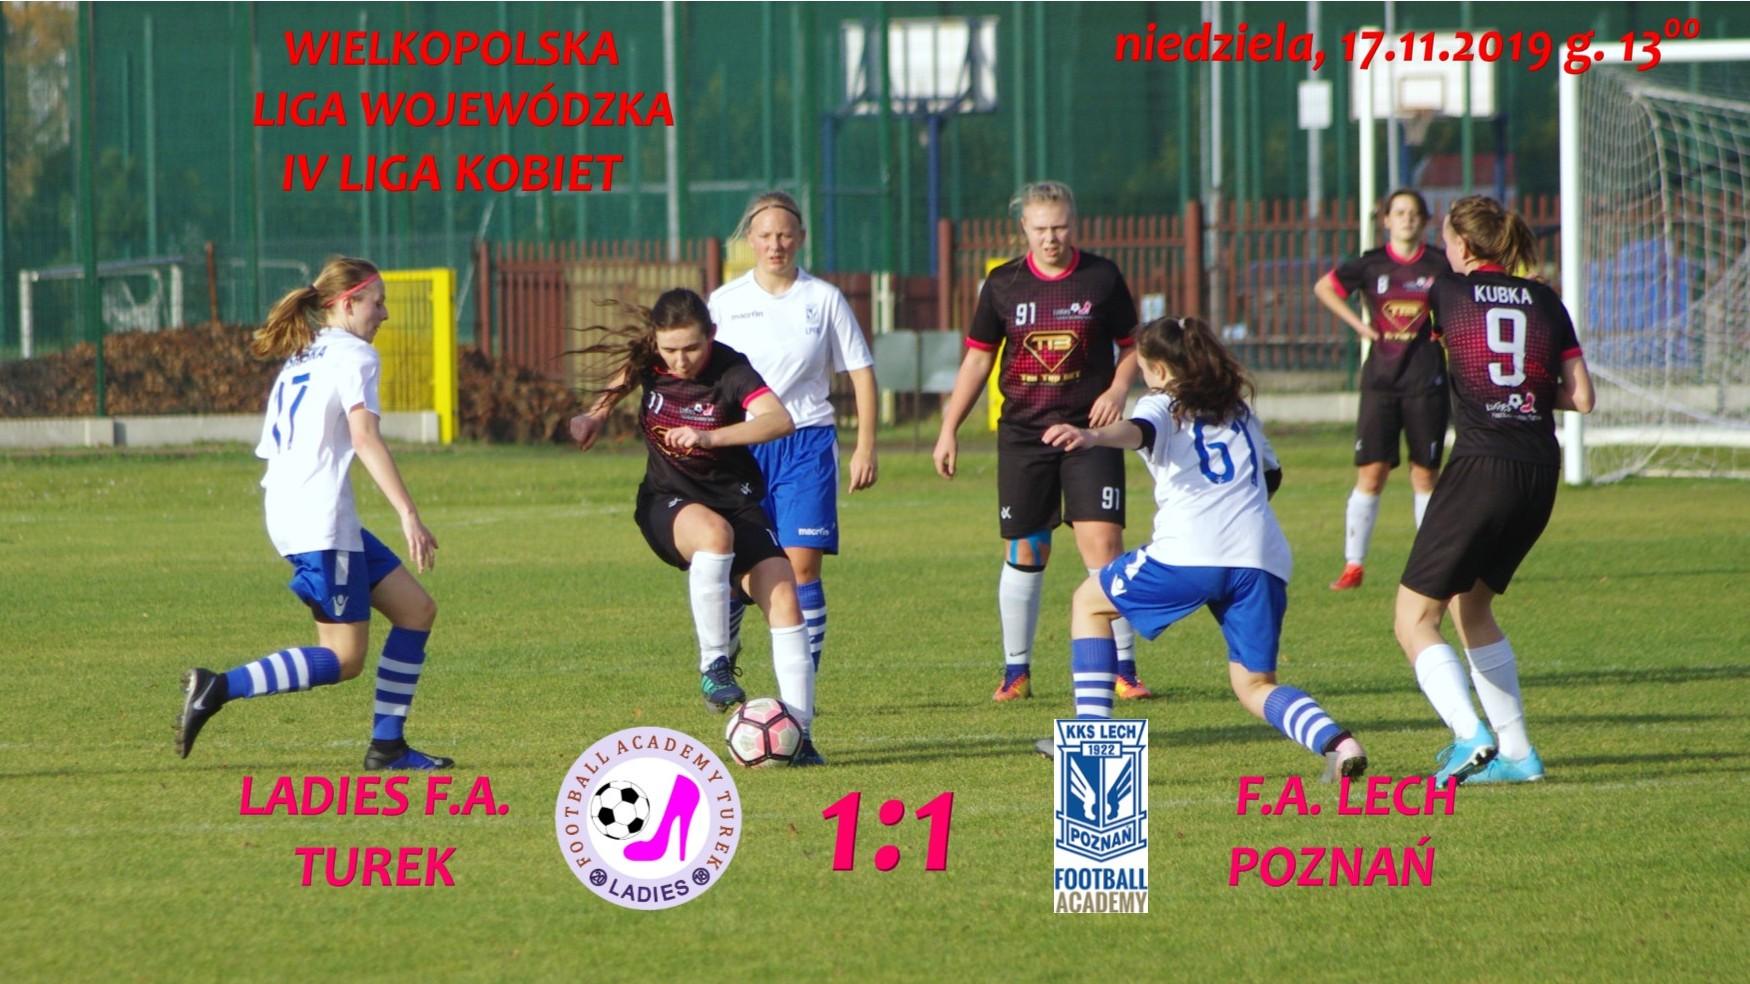 Ladies F.A. Turek- Lech Poznań 1:1- grały zawodniczki Tura 1921 Turek